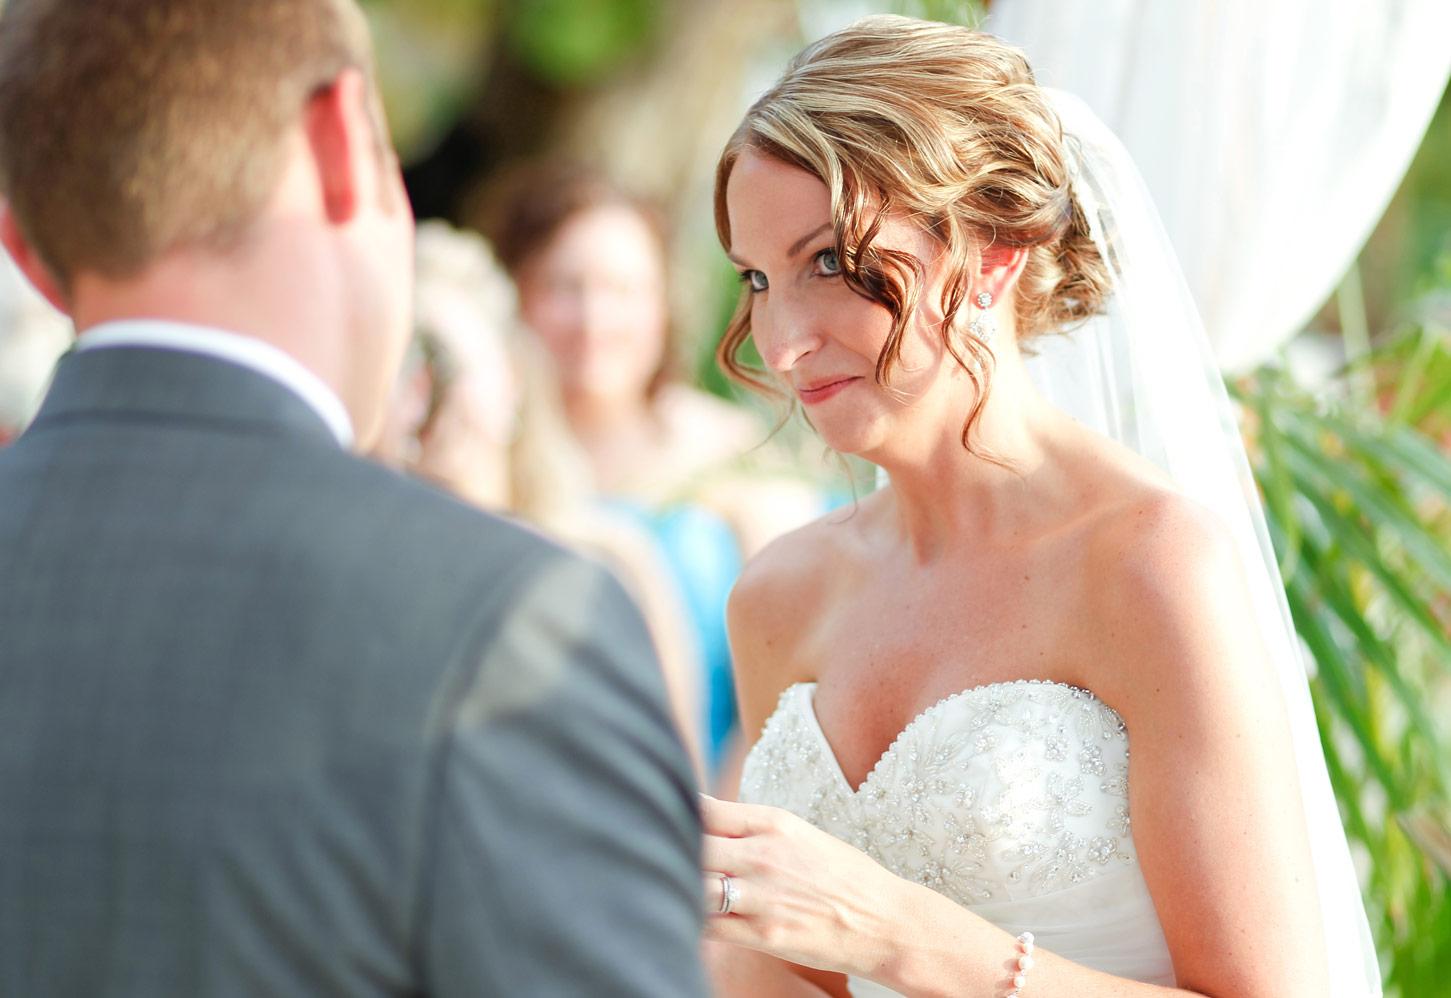 jamaica-milwaukee-destination-wedding-ruthie-hauge-photography-35.jpg